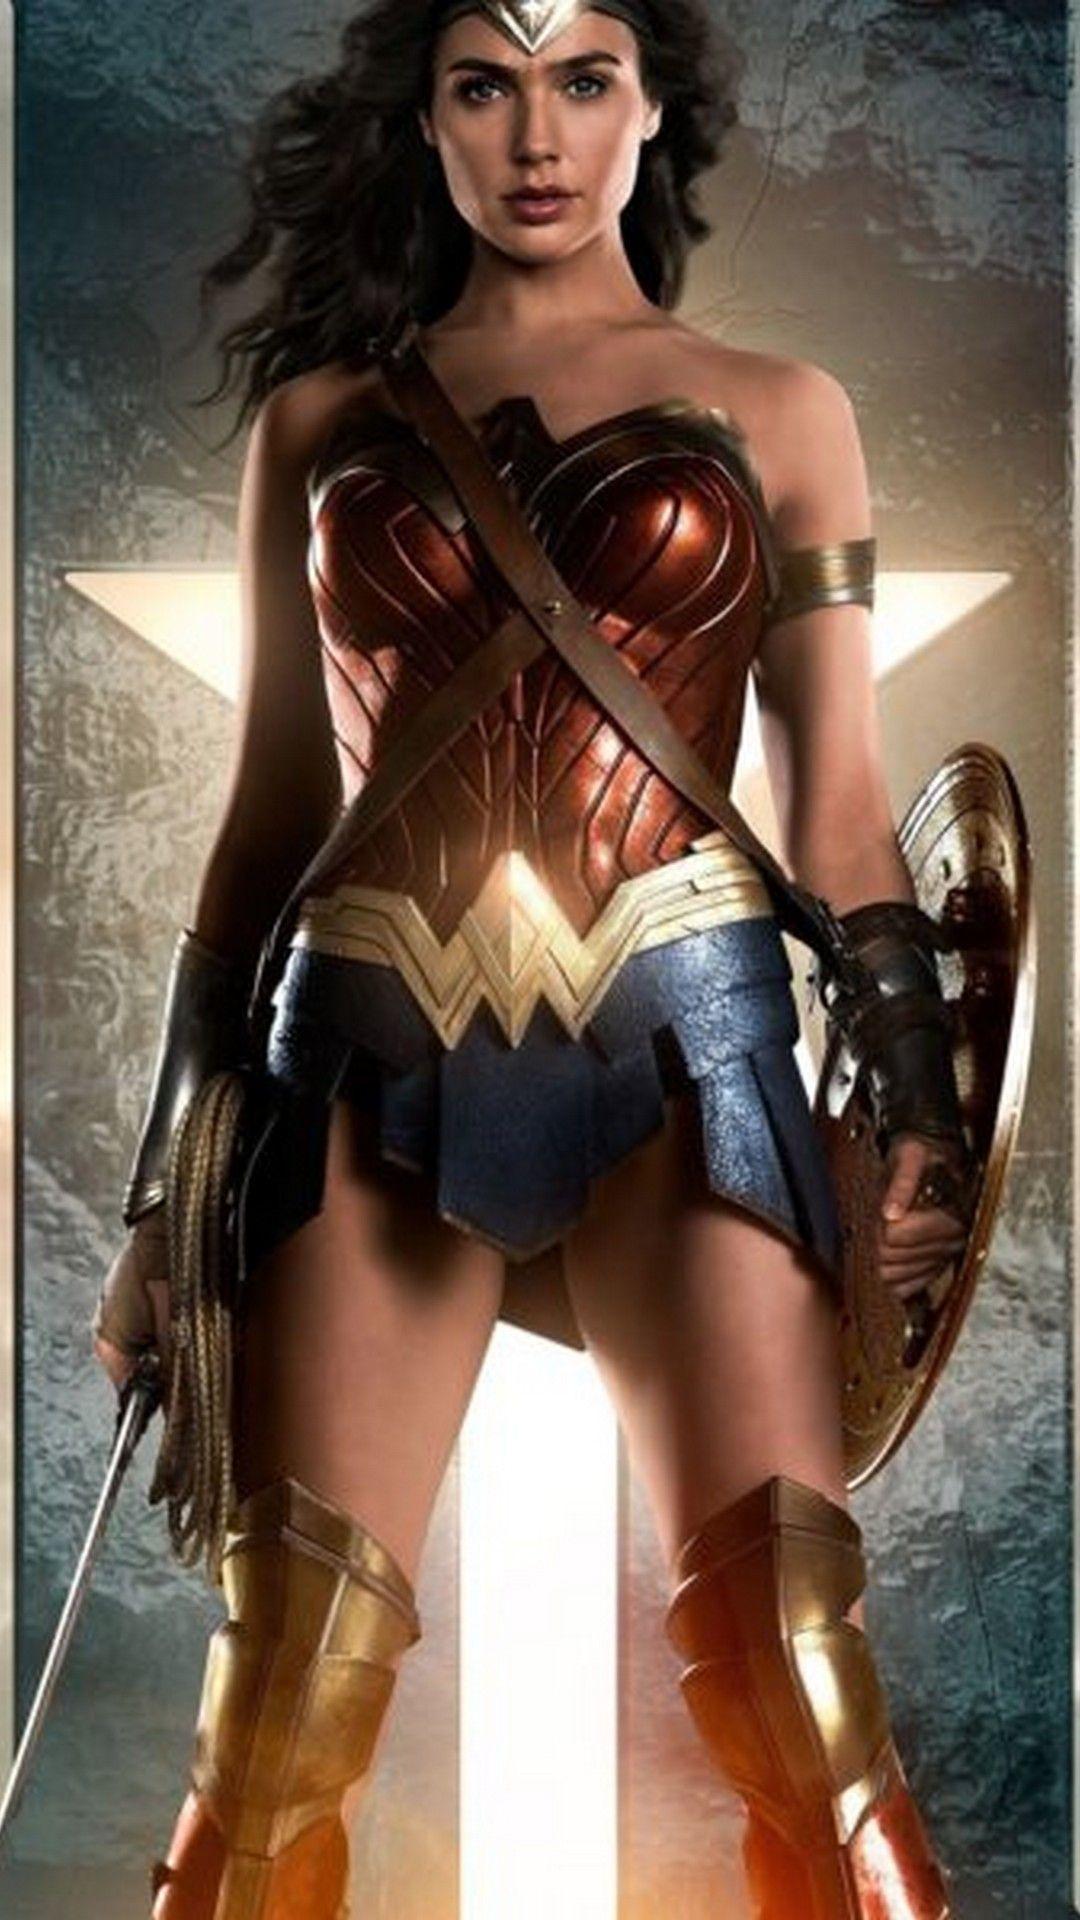 Wonder Woman Justice Leauge Gal Gadot Wallpaper Best Iphone Wallpaper Gal Gadot Mulher Maravilha Filme Mulher Maravilha Wonder woman gal gadot ultra hd